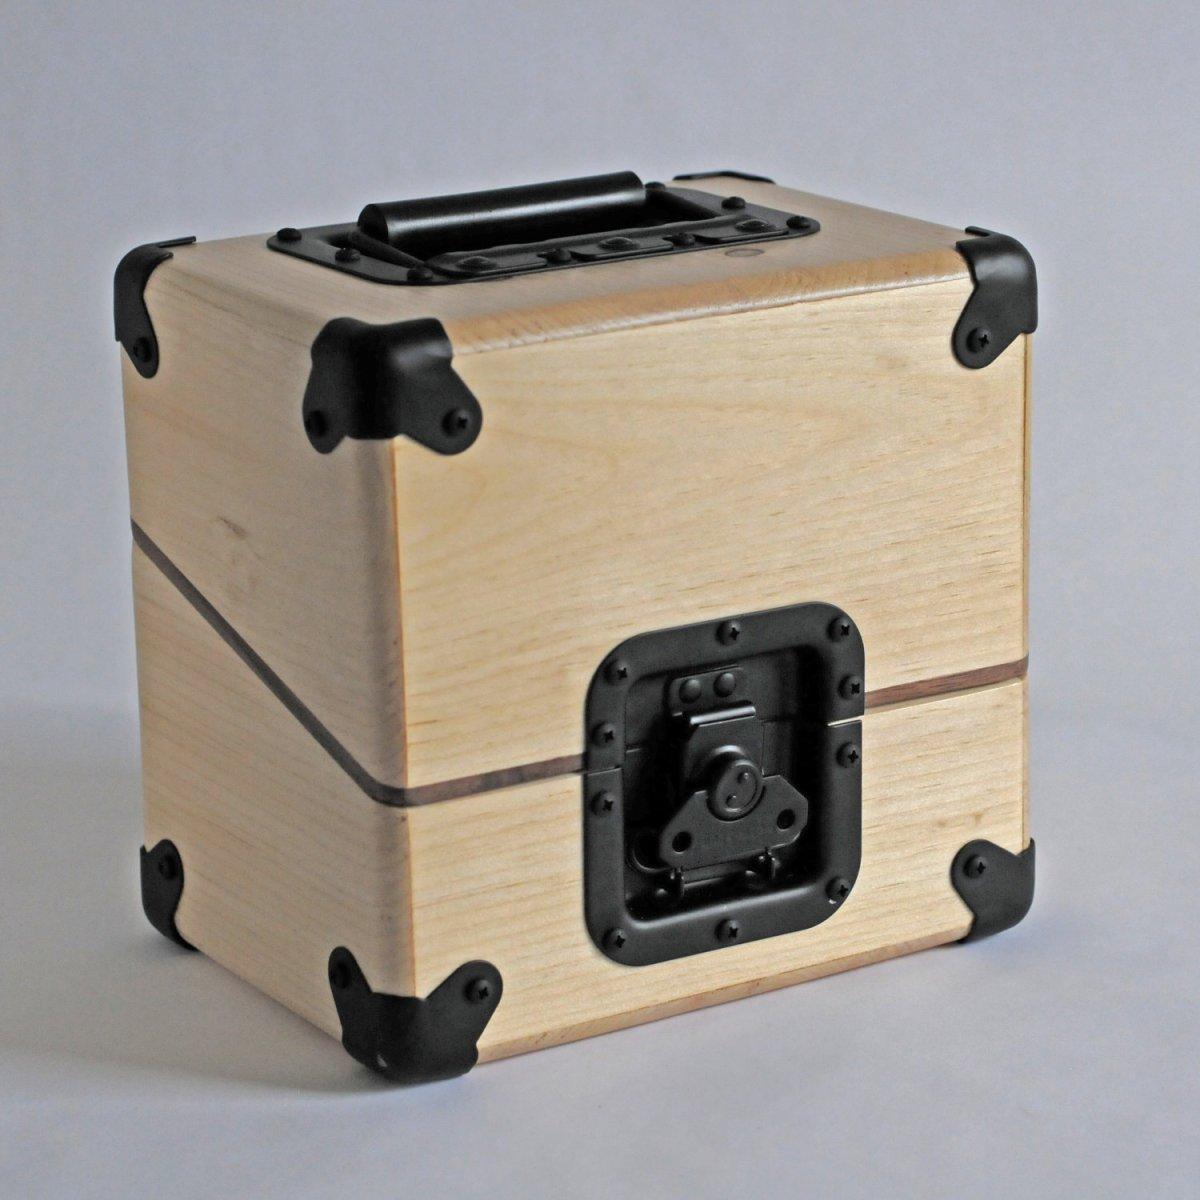 btown-45-cases-2